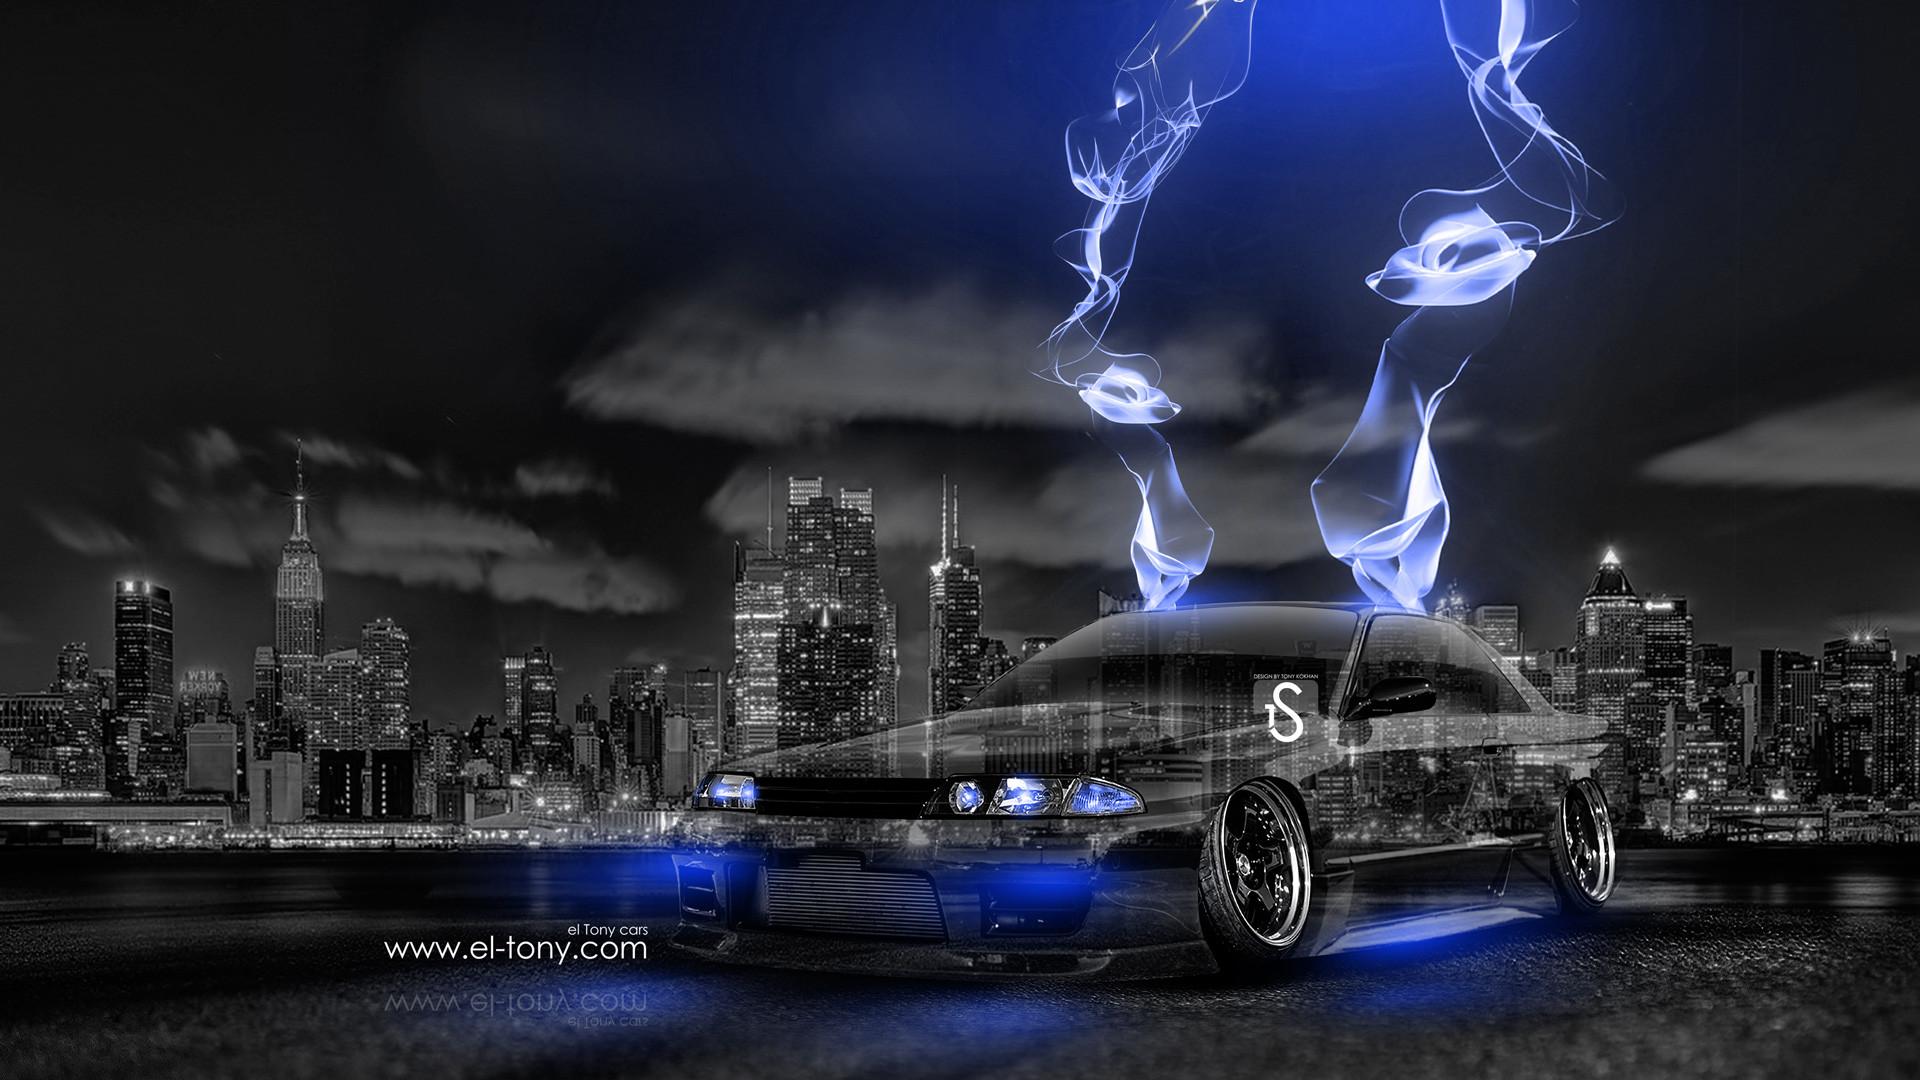 … Nissan Skyline GTR R32 Fantasy Sky Energy 2014